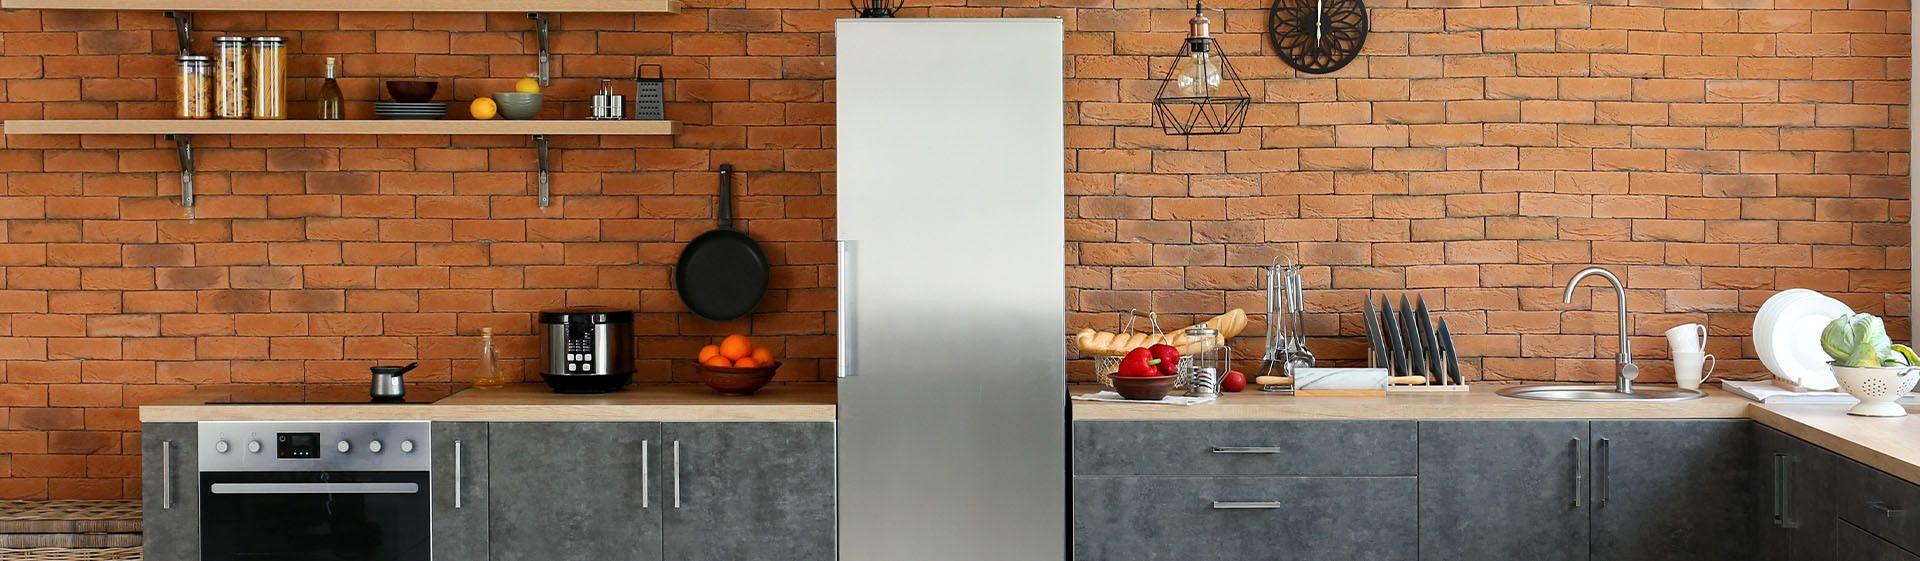 Como limpar geladeira envelopada?